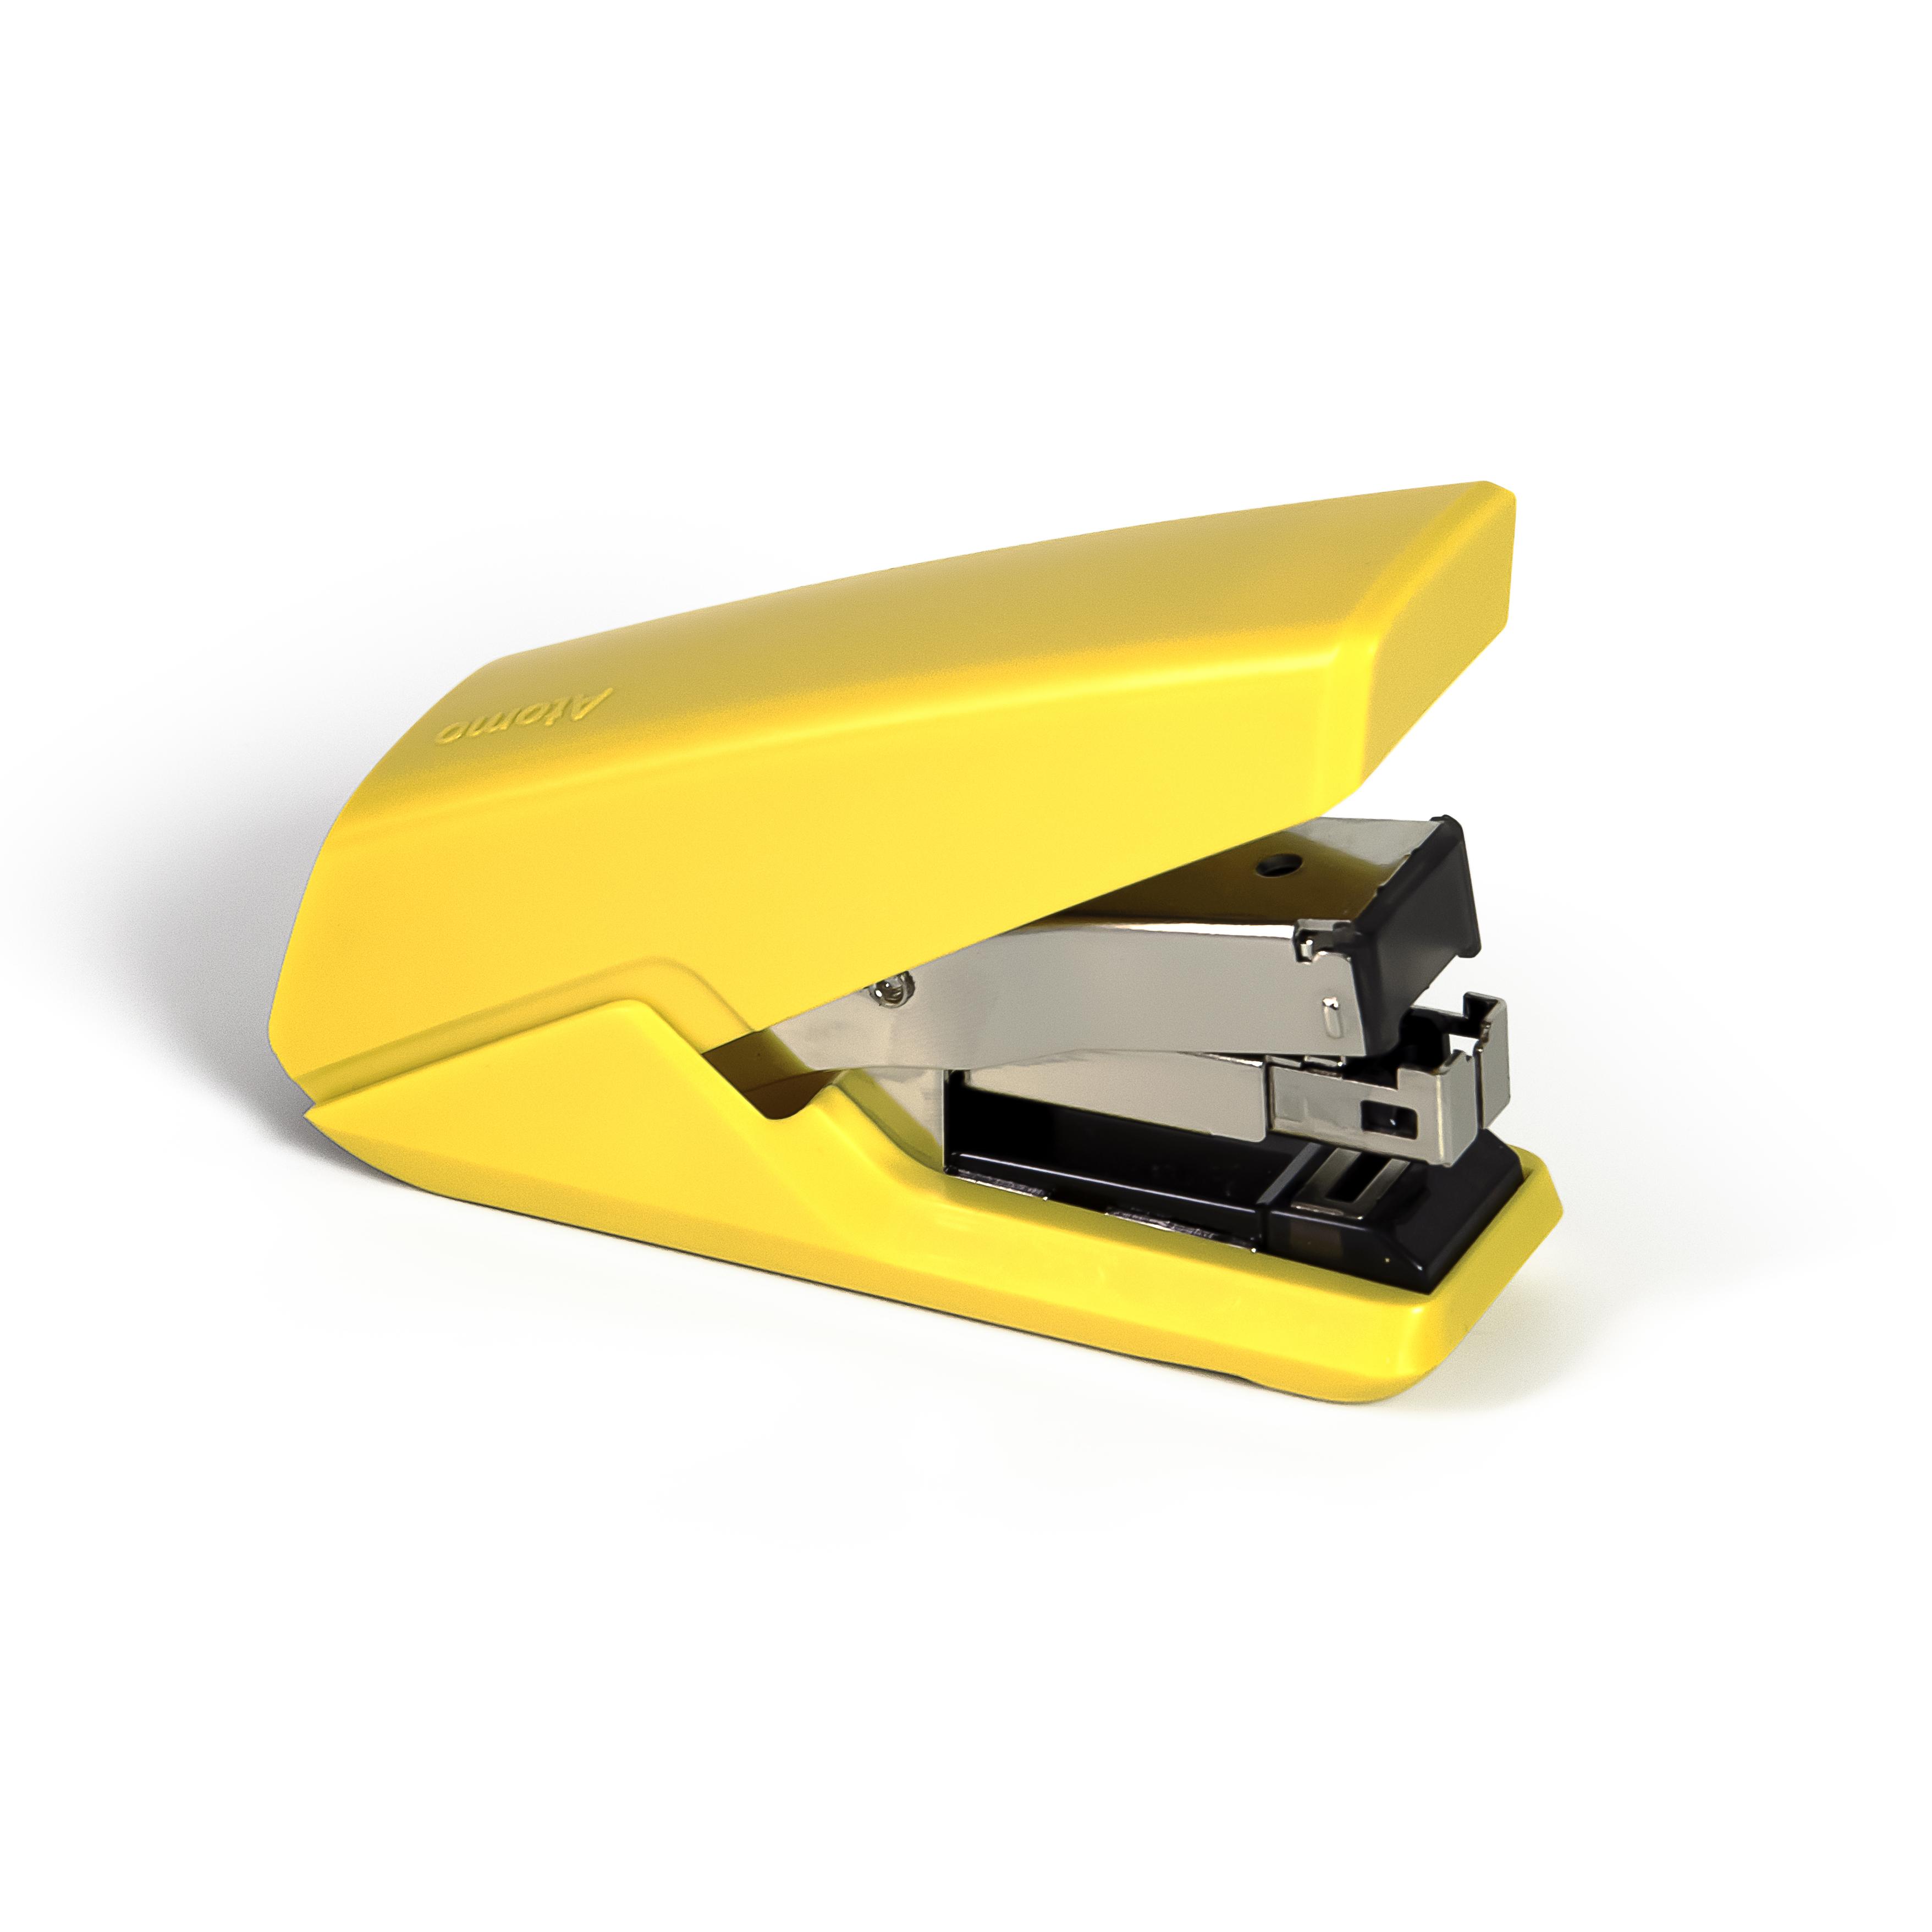 Zszywacz 05631 Atomo żółty